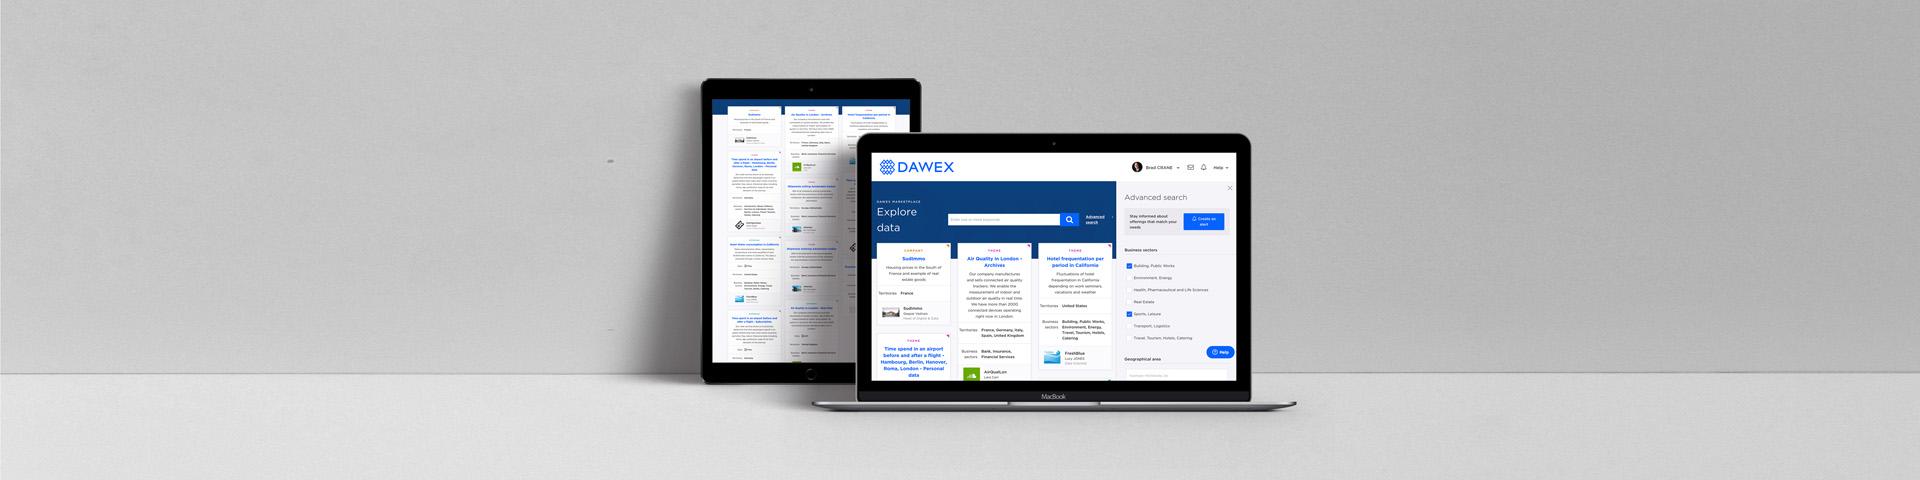 Rechercher sur Dawex